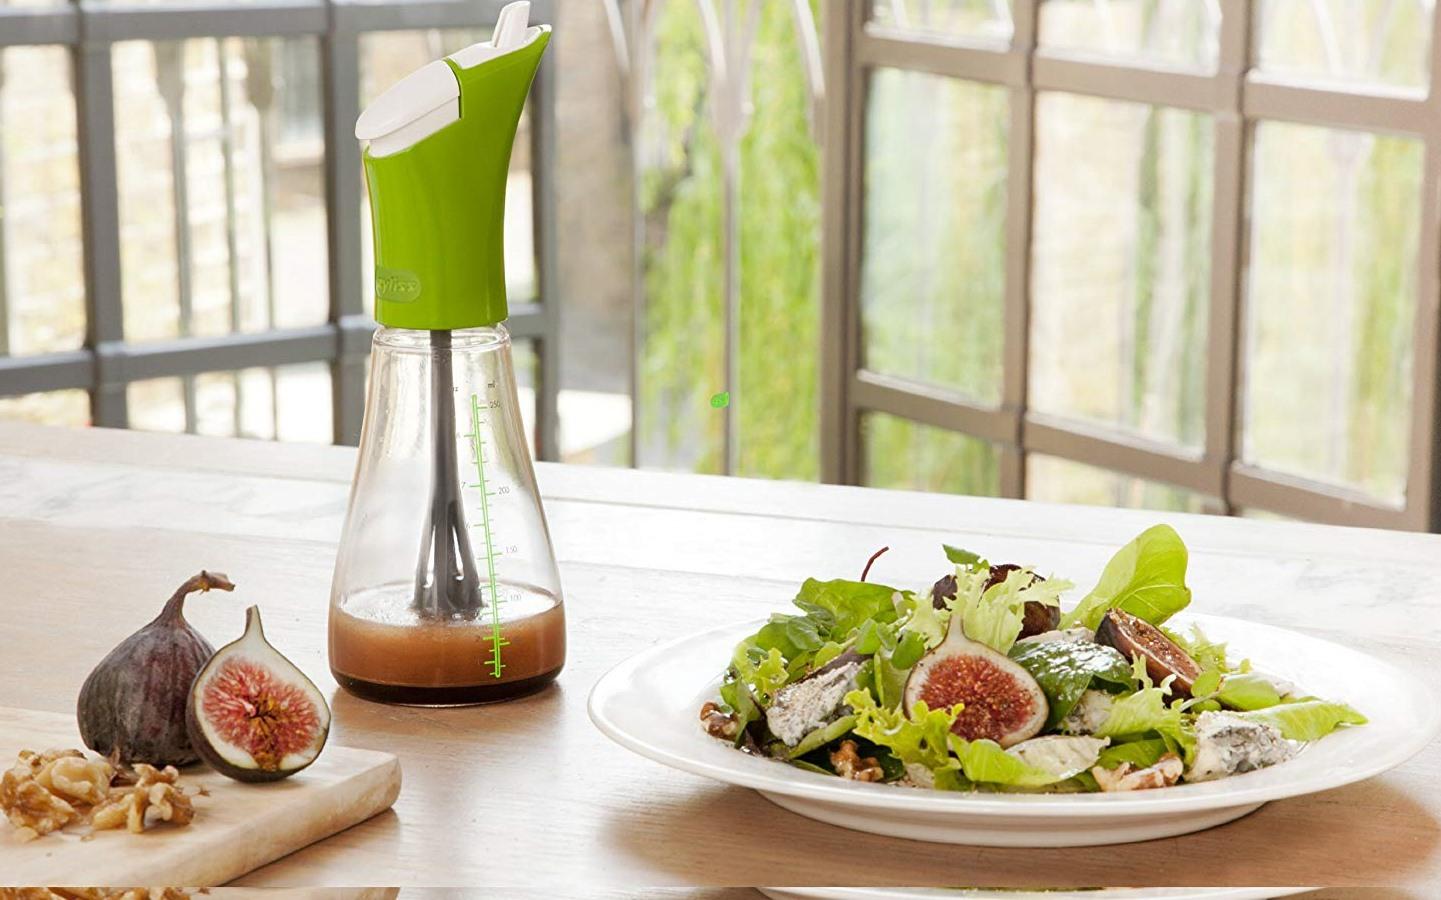 Para evitar que unas partes de la ensalada estén más sabrosas que otras, mezclador de aliños. Foto: Amazon